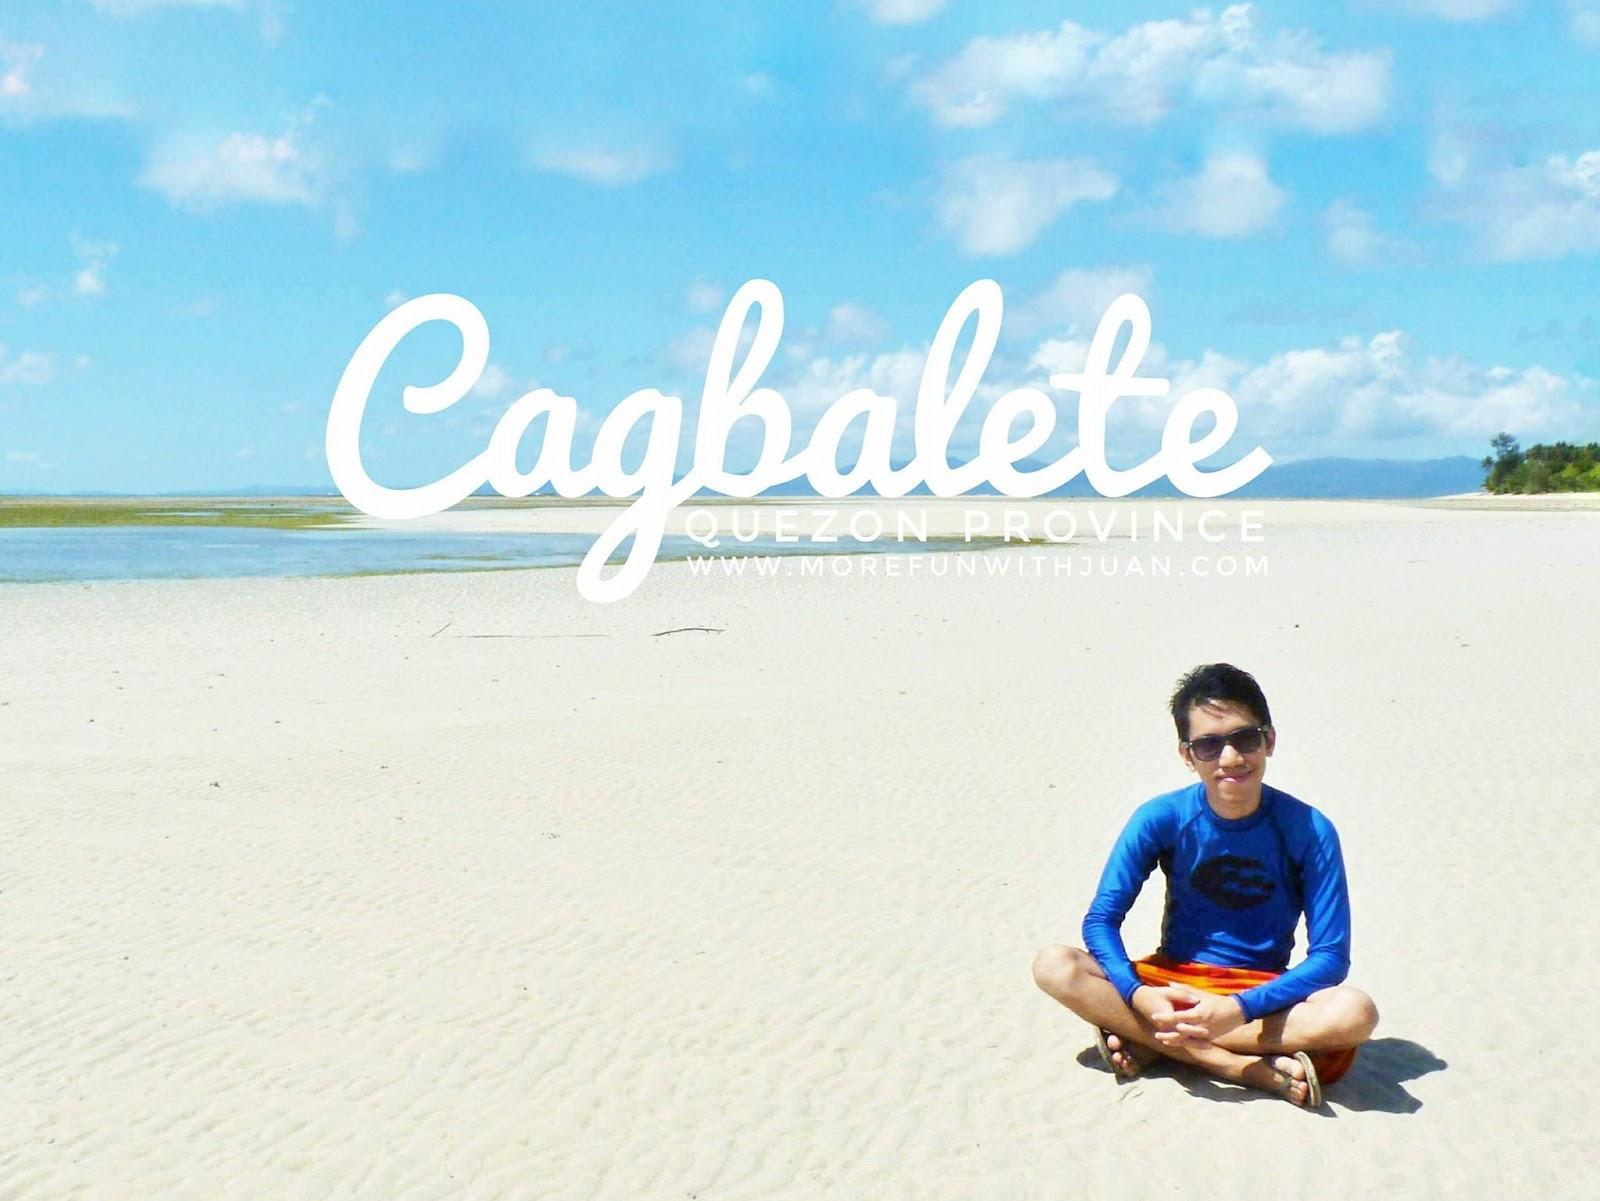 [Chia sẻ] Khám phá du lịch Đảo Cagbalete, Quezon, Philippines